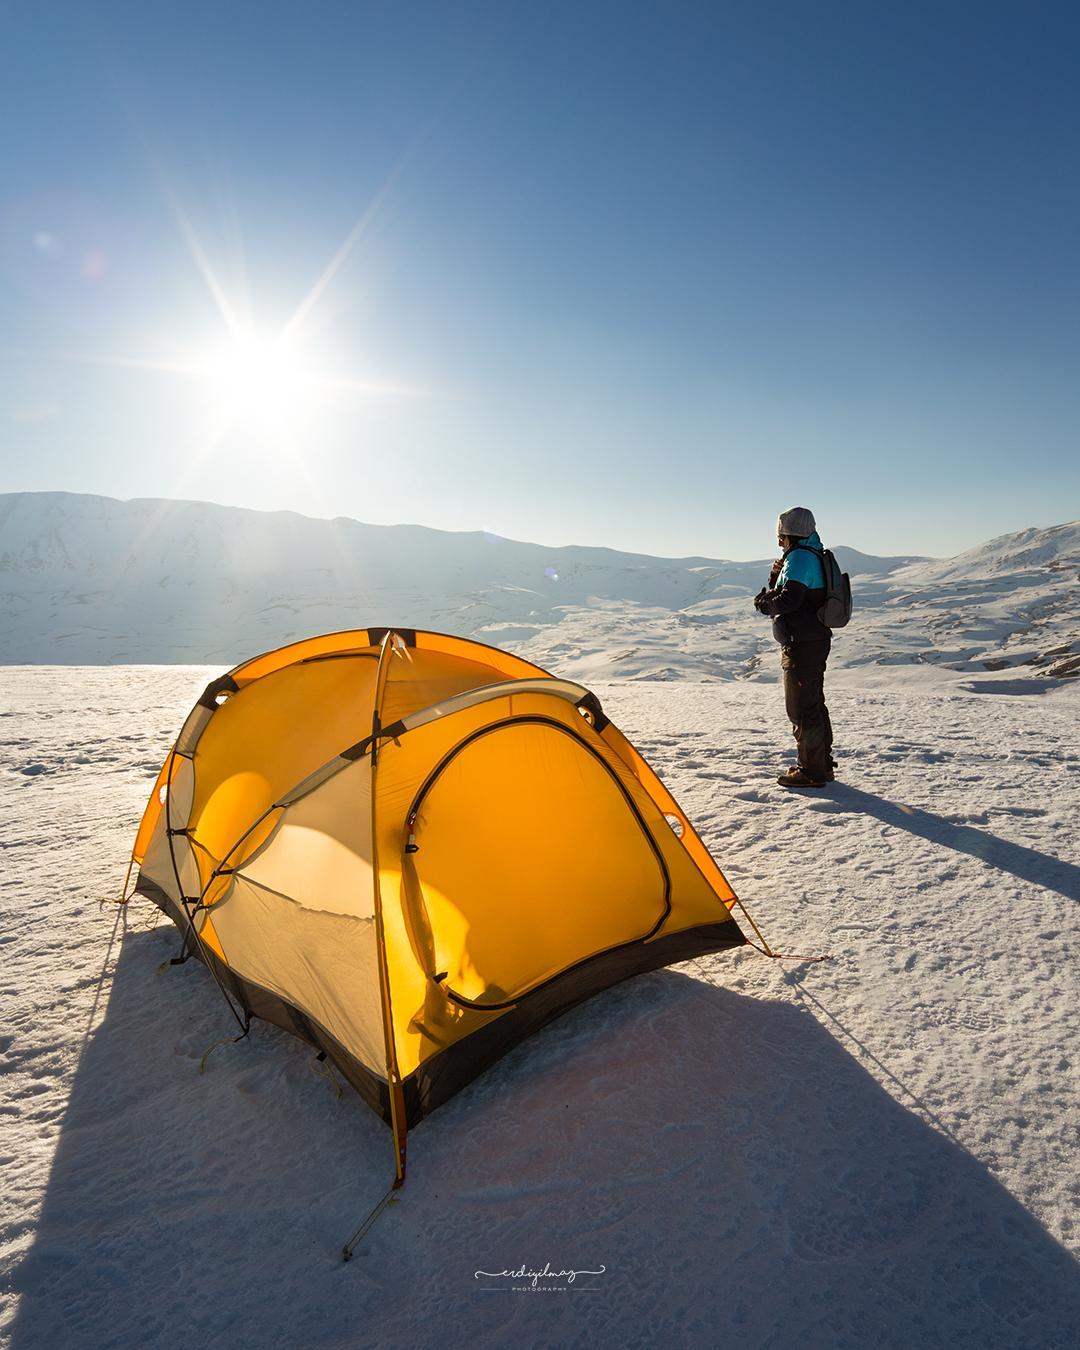 Kışın Kamp Yapmayı Sevenler İçin 13 İdeal Kamp Yeri Önerisi 17